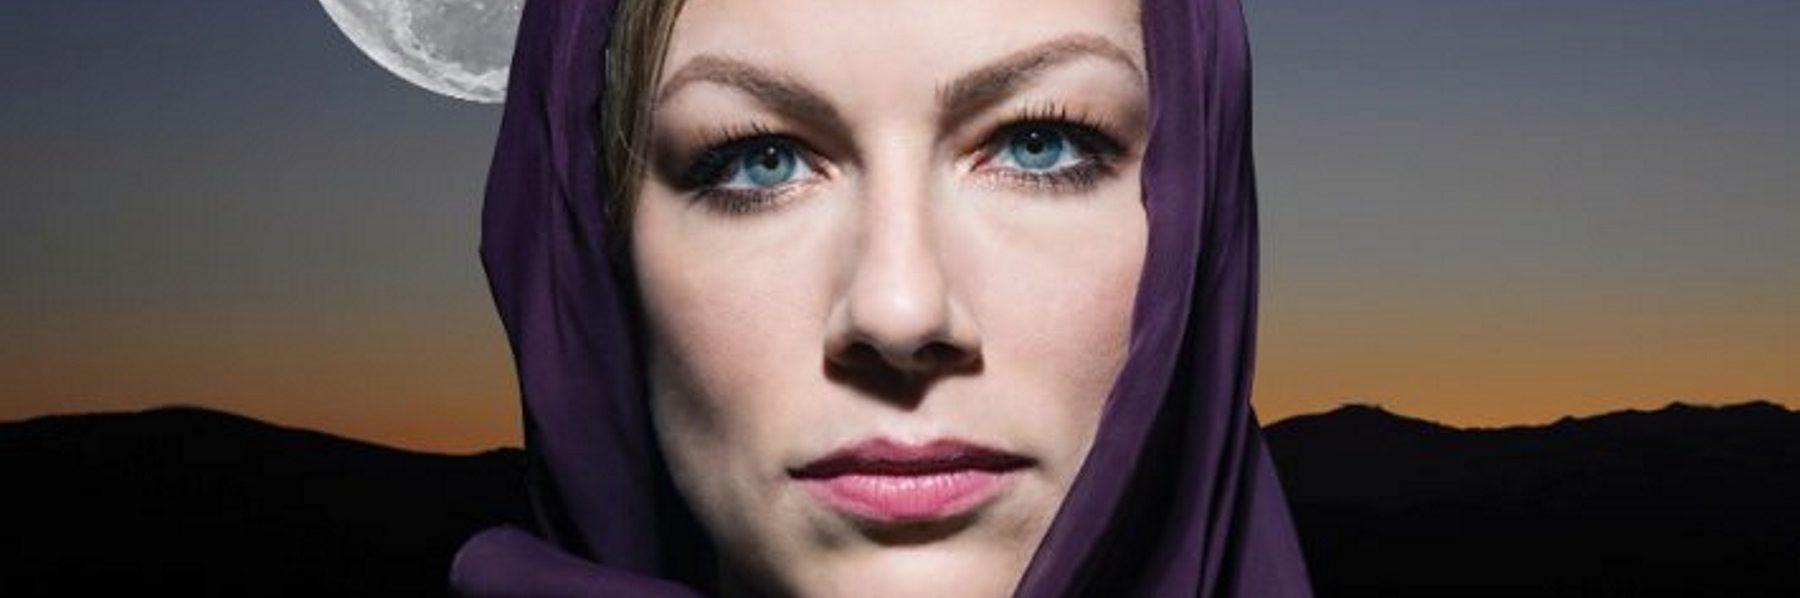 Soprano Jennifer Holloway portrays Salome in the opera. (Credit: Courtesy of The Atlanta Opera)